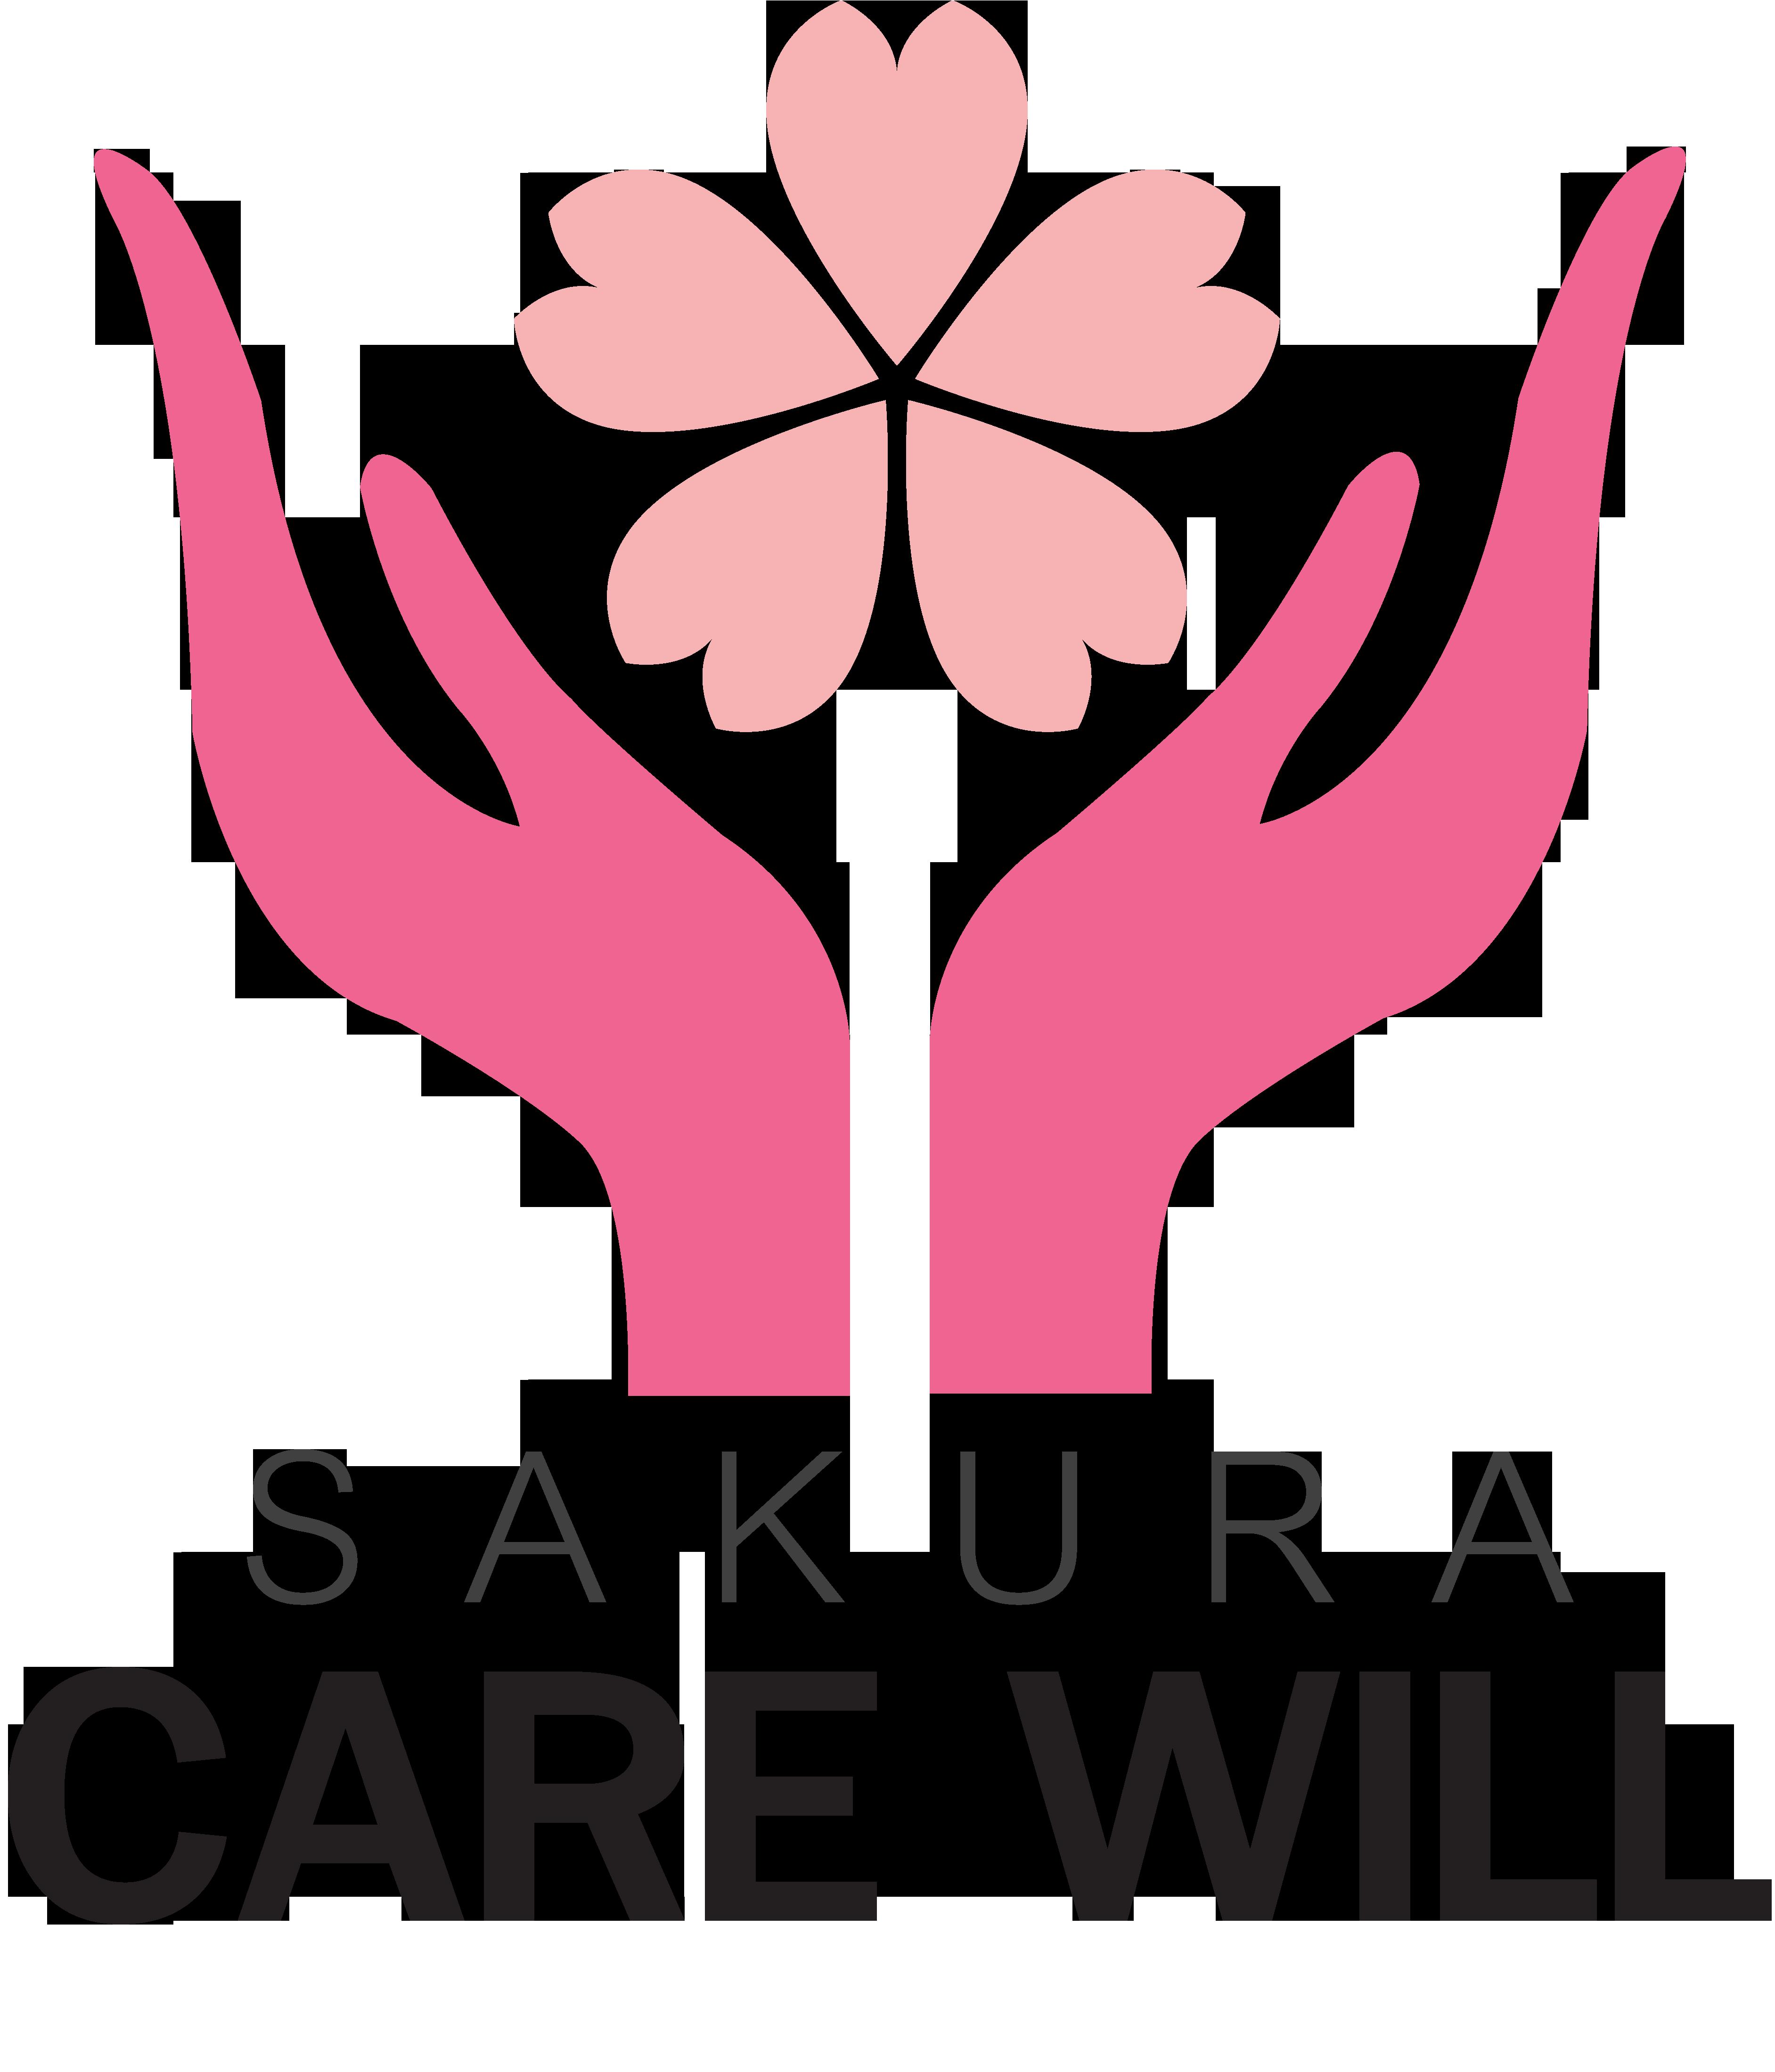 ベトナムで日本式の家事サポート【Sakuracarewill(さくらケアウィル)】買物・掃除・料理・育児 代行 ハウスキーピング